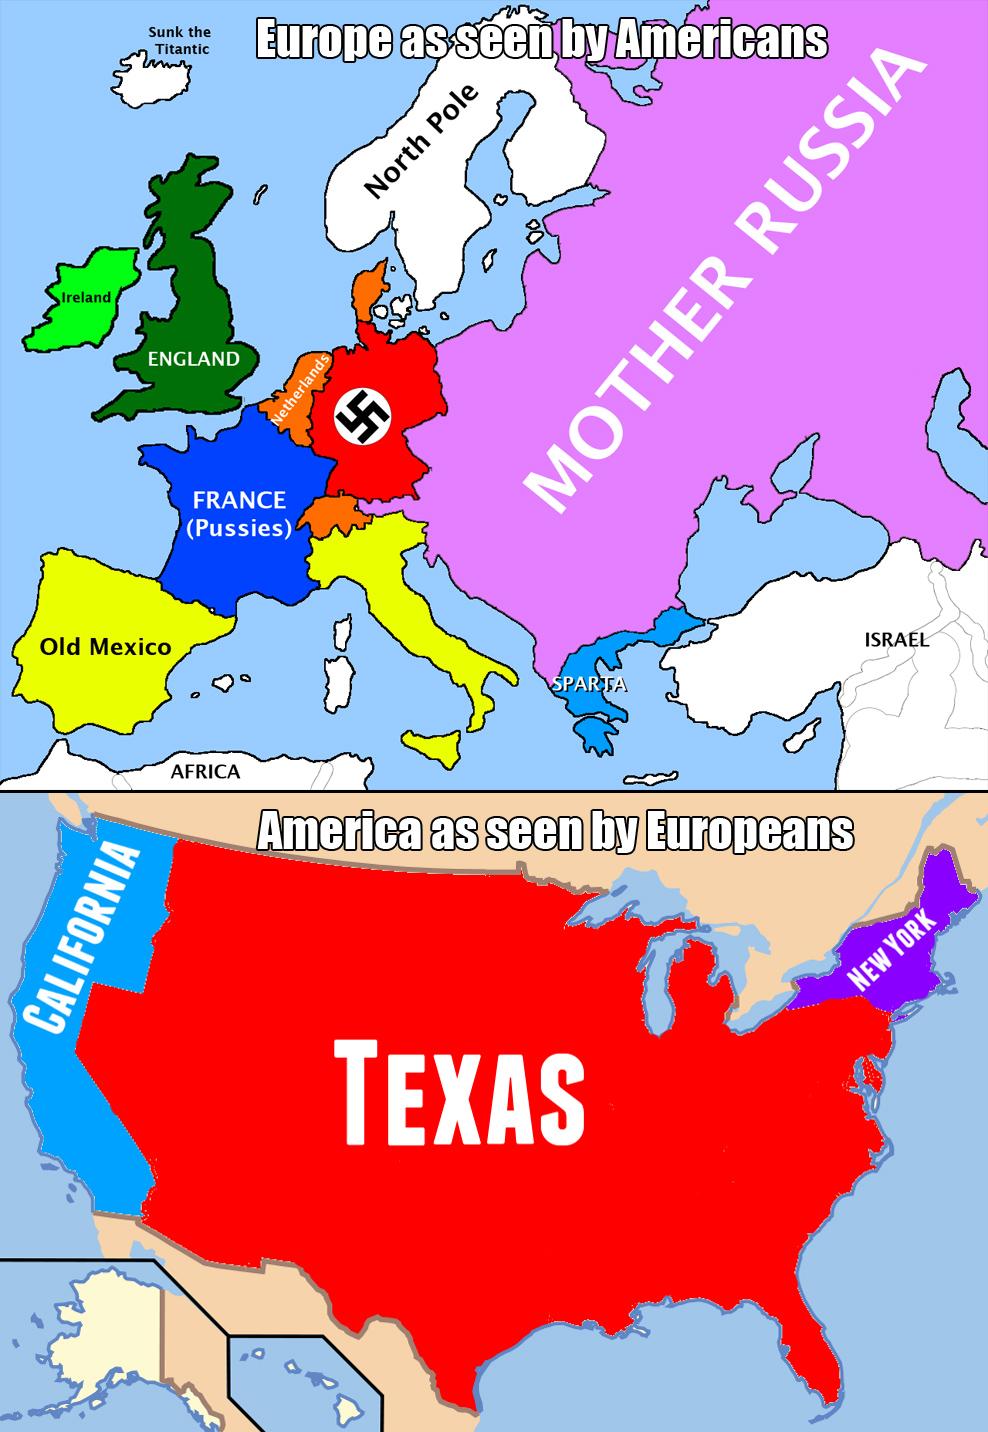 European Sex Attitudes Versus American Sex Attitudes